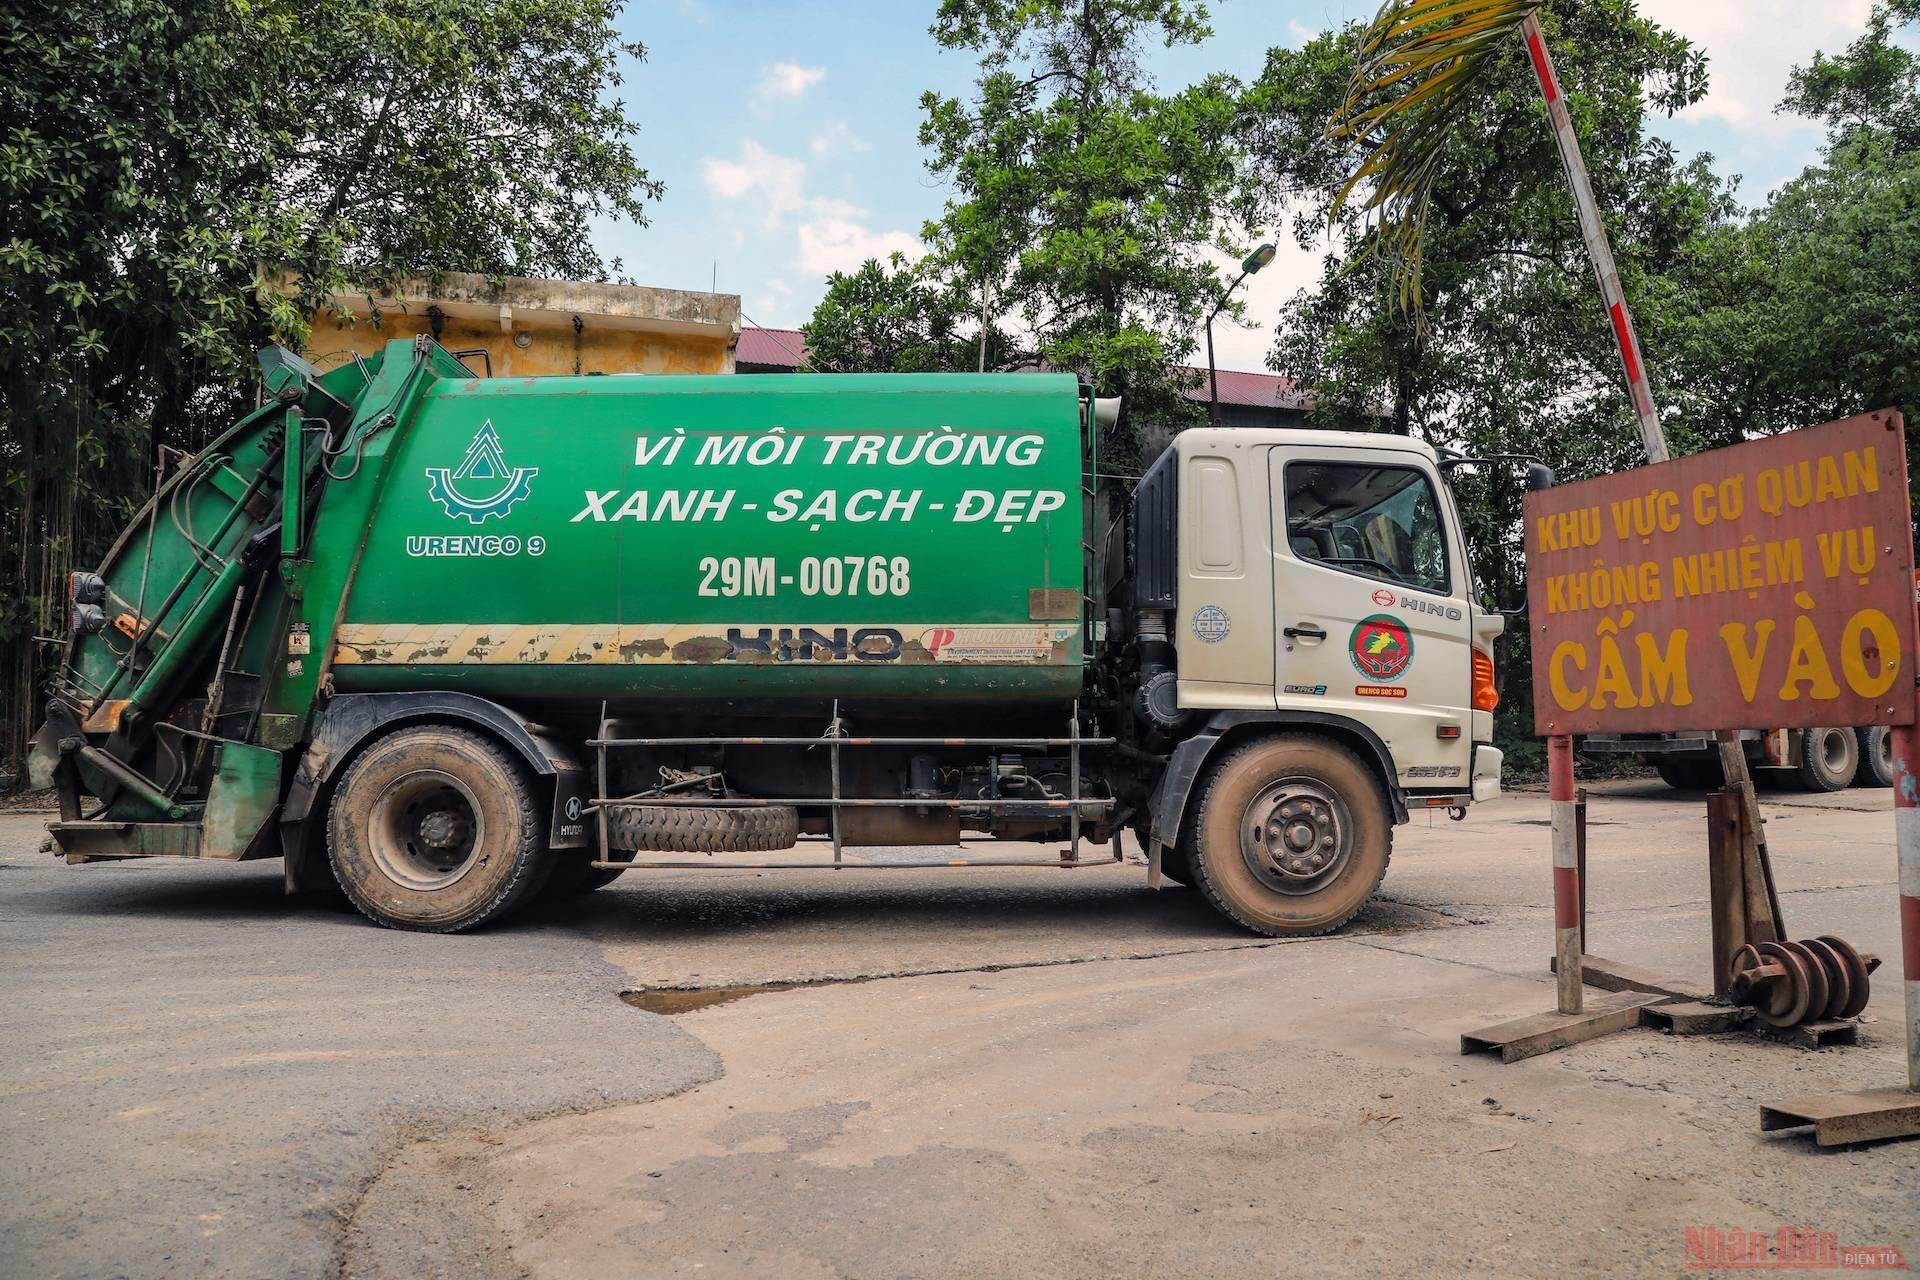 Nam Sơn và bài toán xử lý rác thải ở Hà Nội - 4